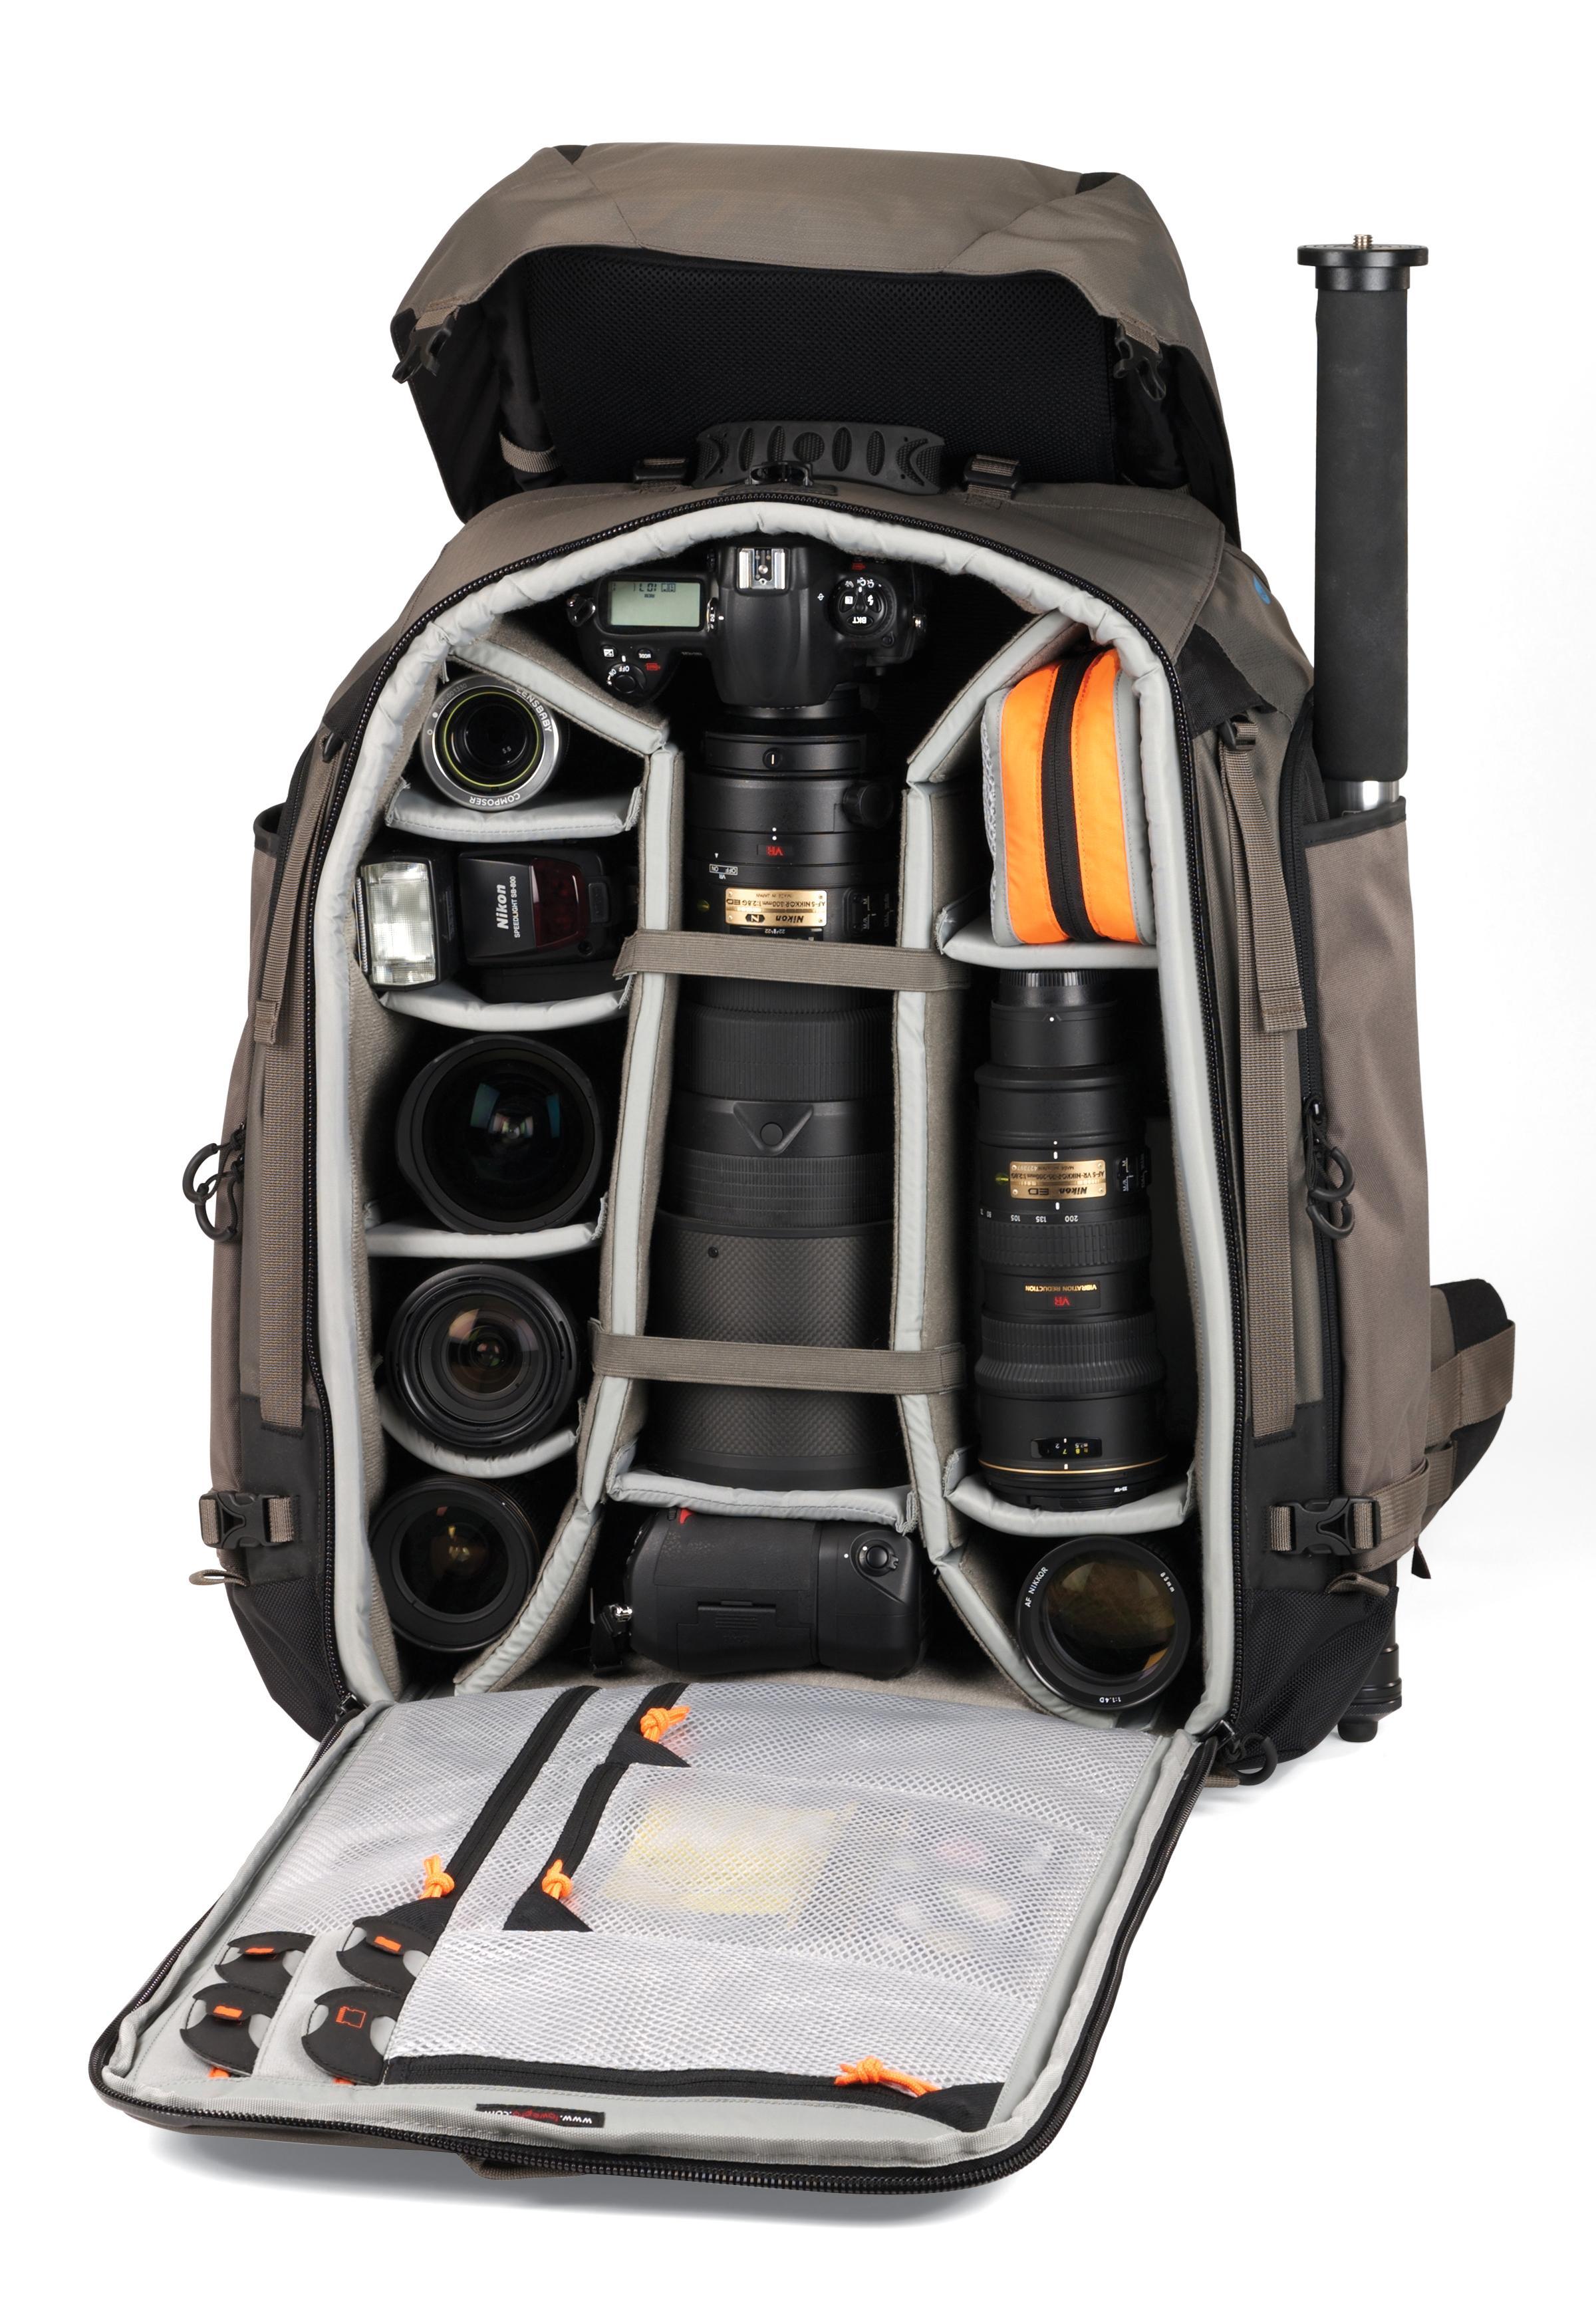 Pro Trekker 600 AW